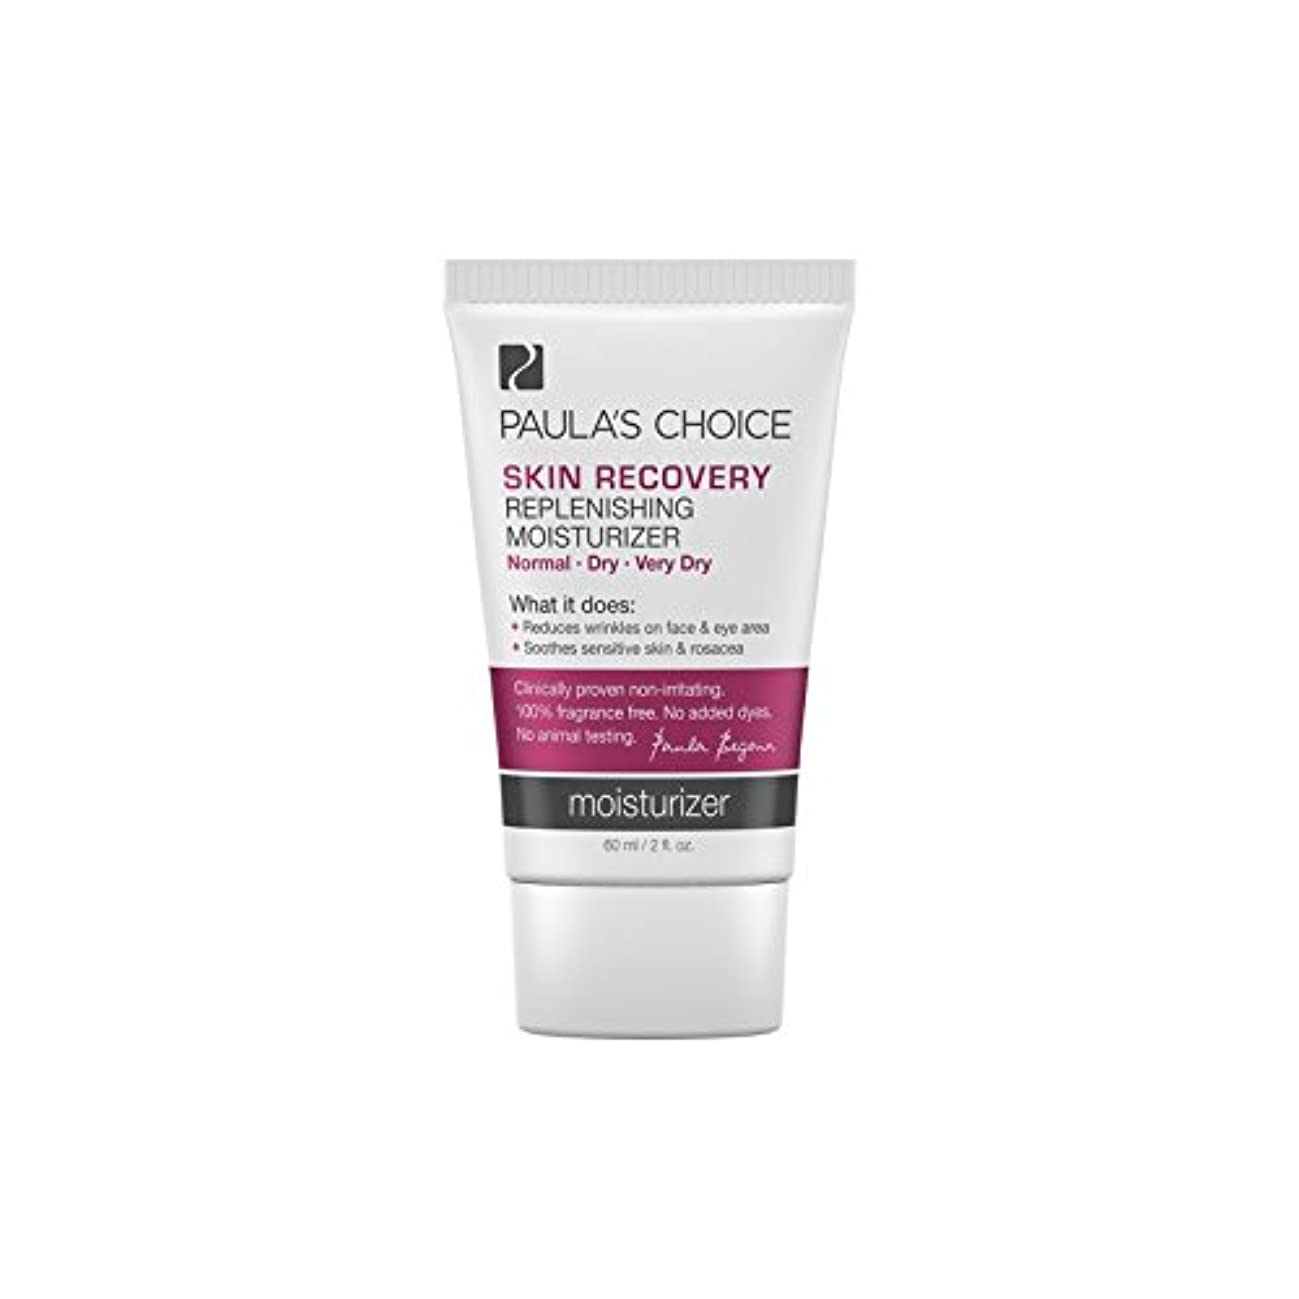 ジャーナリスト両方モニカPaula's Choice Skin Recovery Replenishing Moisturizer (60ml) - ポーラチョイスの肌の回復補充保湿(60ミリリットル) [並行輸入品]